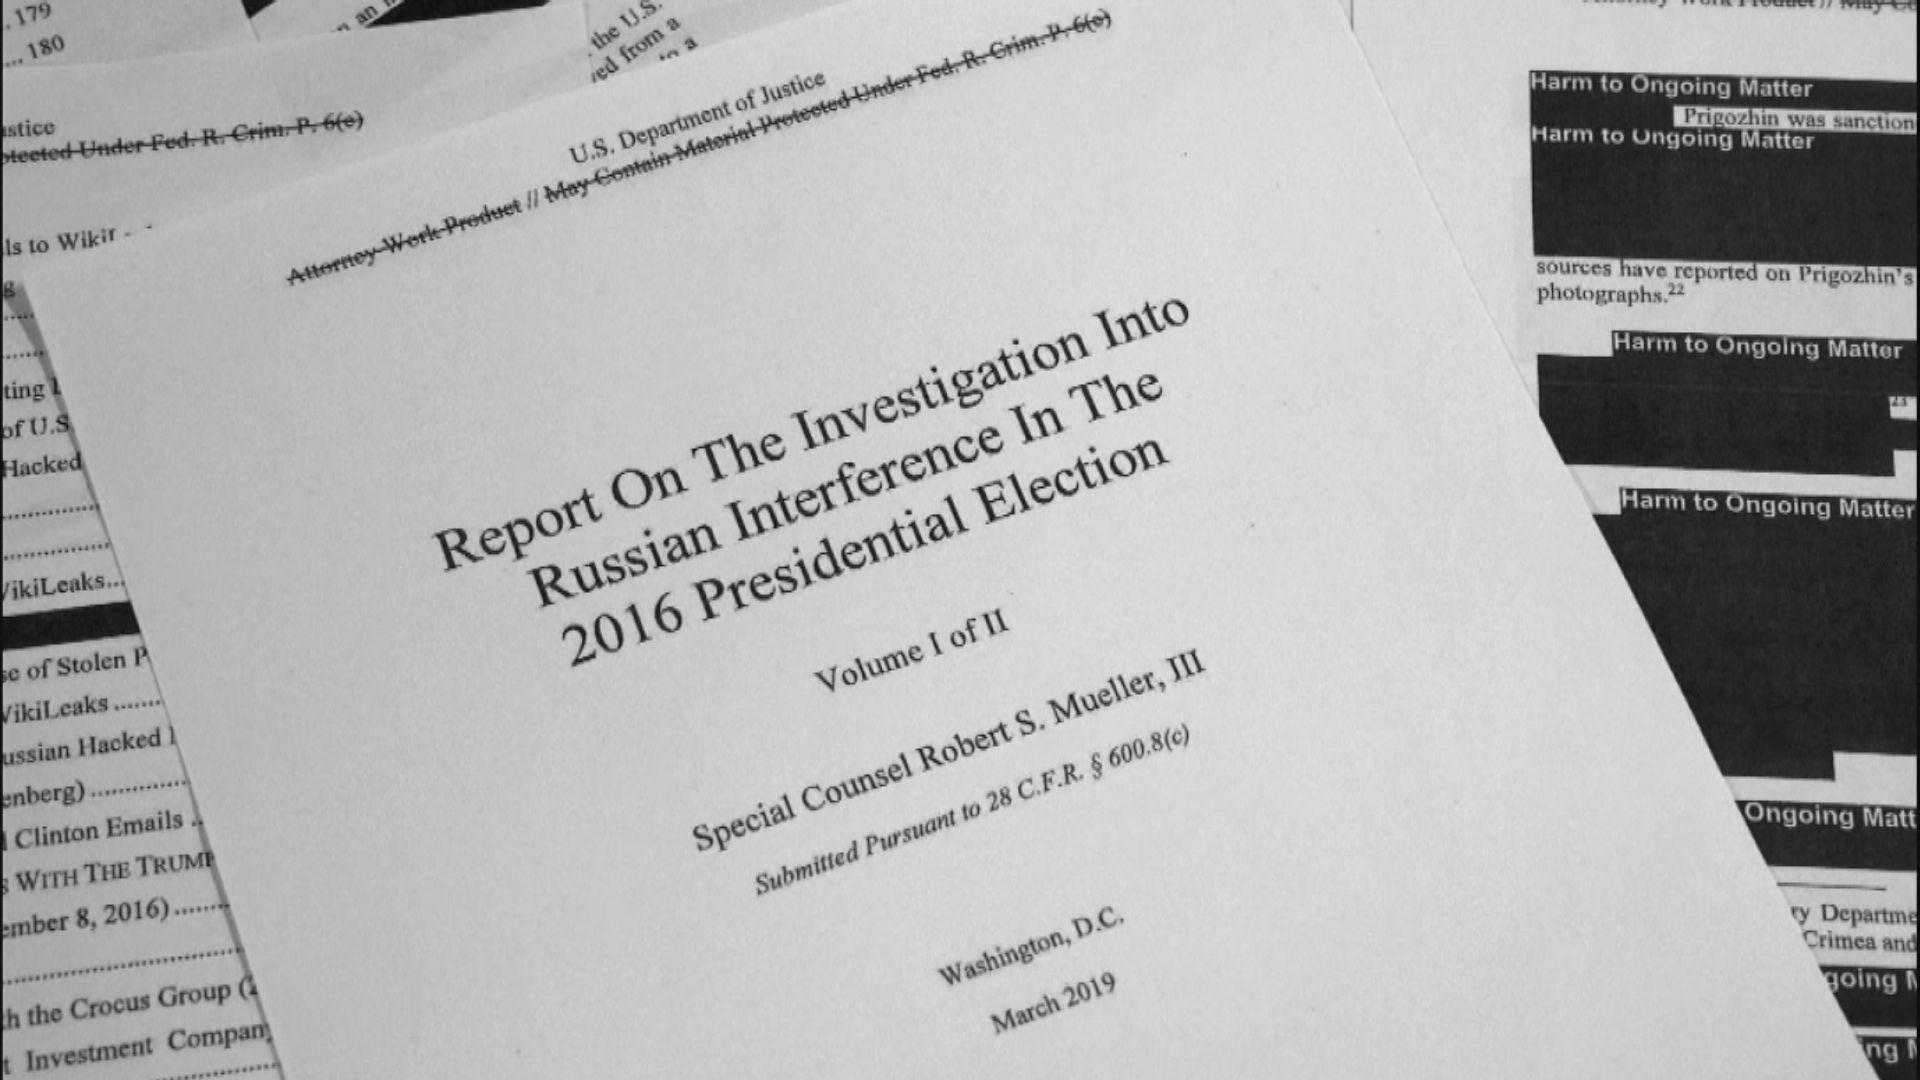 美國司法部拒絕公開完整通俄報告